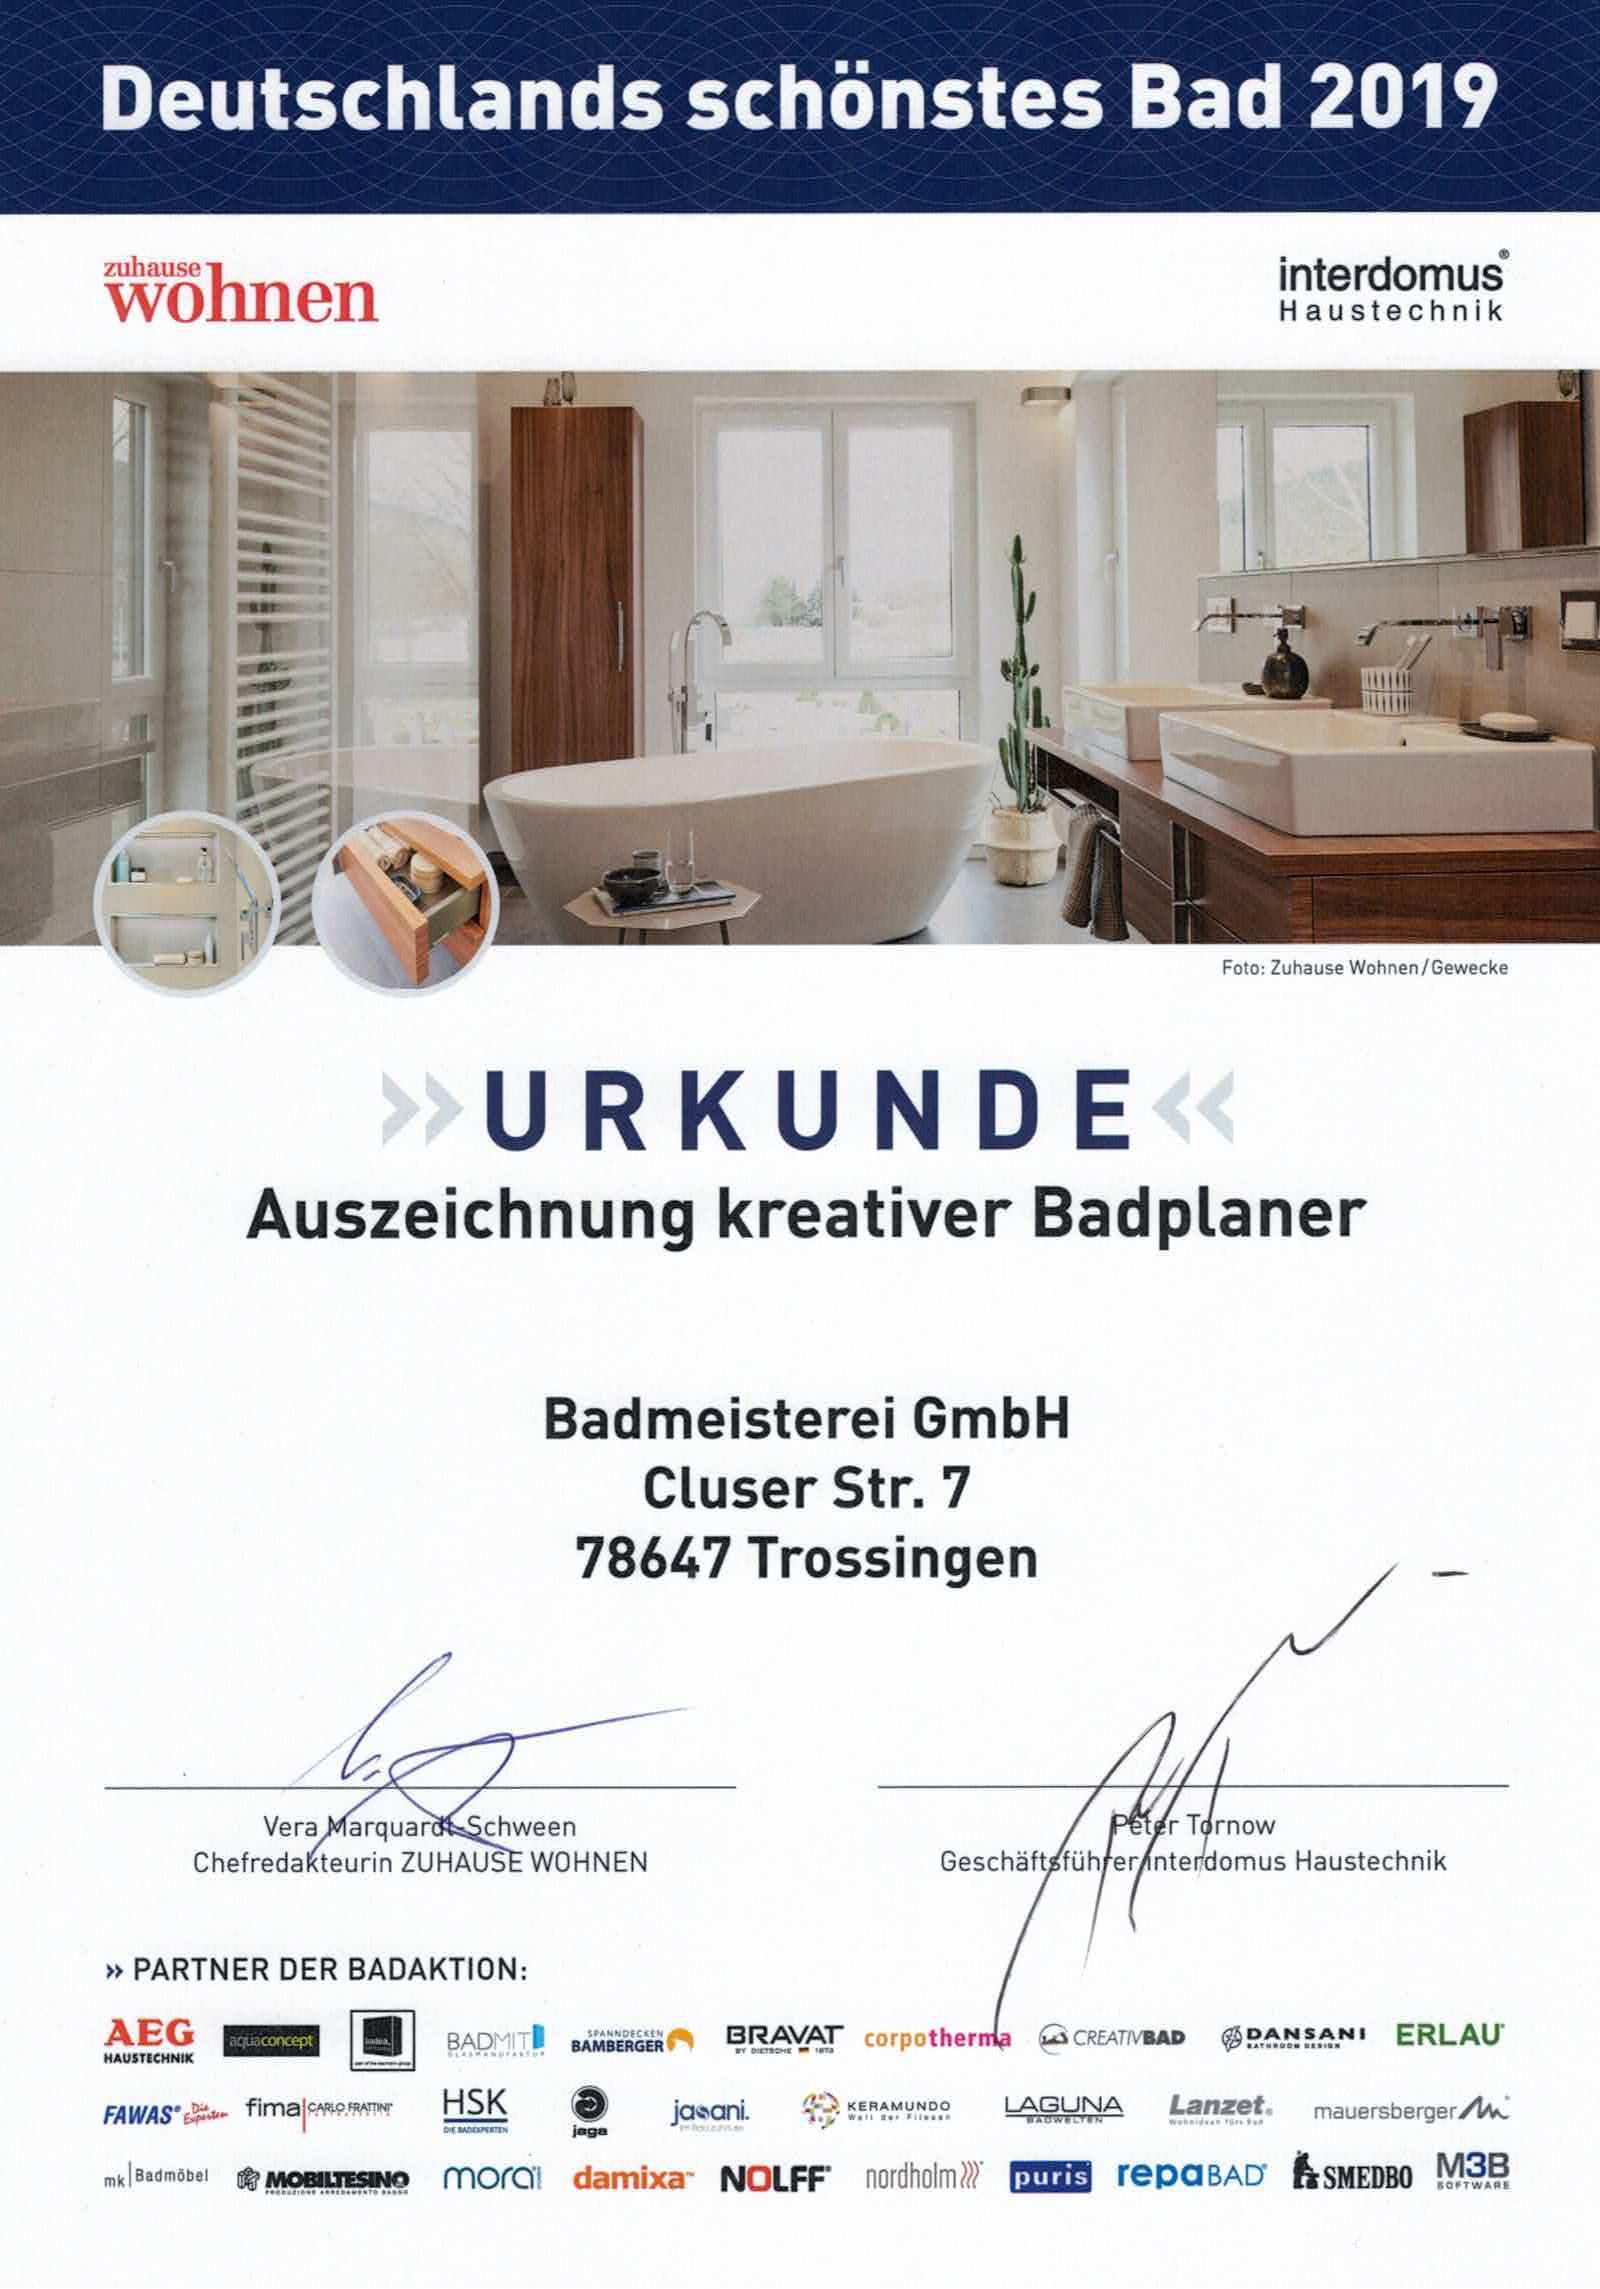 Deutschlands-schoenstes-Bad-2019